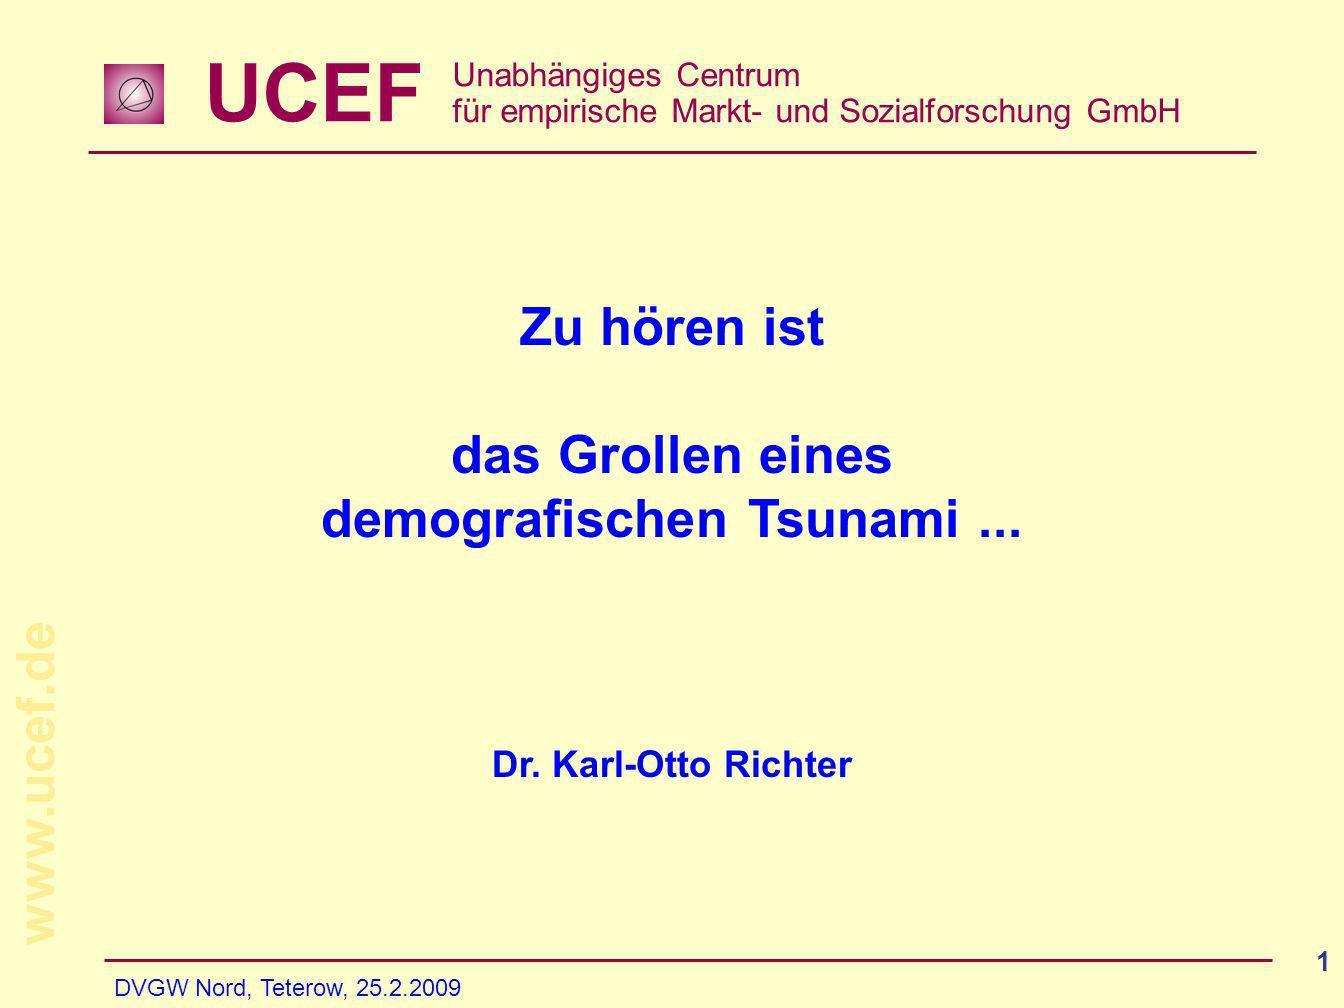 UCEF Unabhängiges Centrum für empirische Markt- und Sozialforschung GmbH www.ucef.de DVGW Nord, Teterow, 25.2.2009 1 Zu hören ist das Grollen eines de